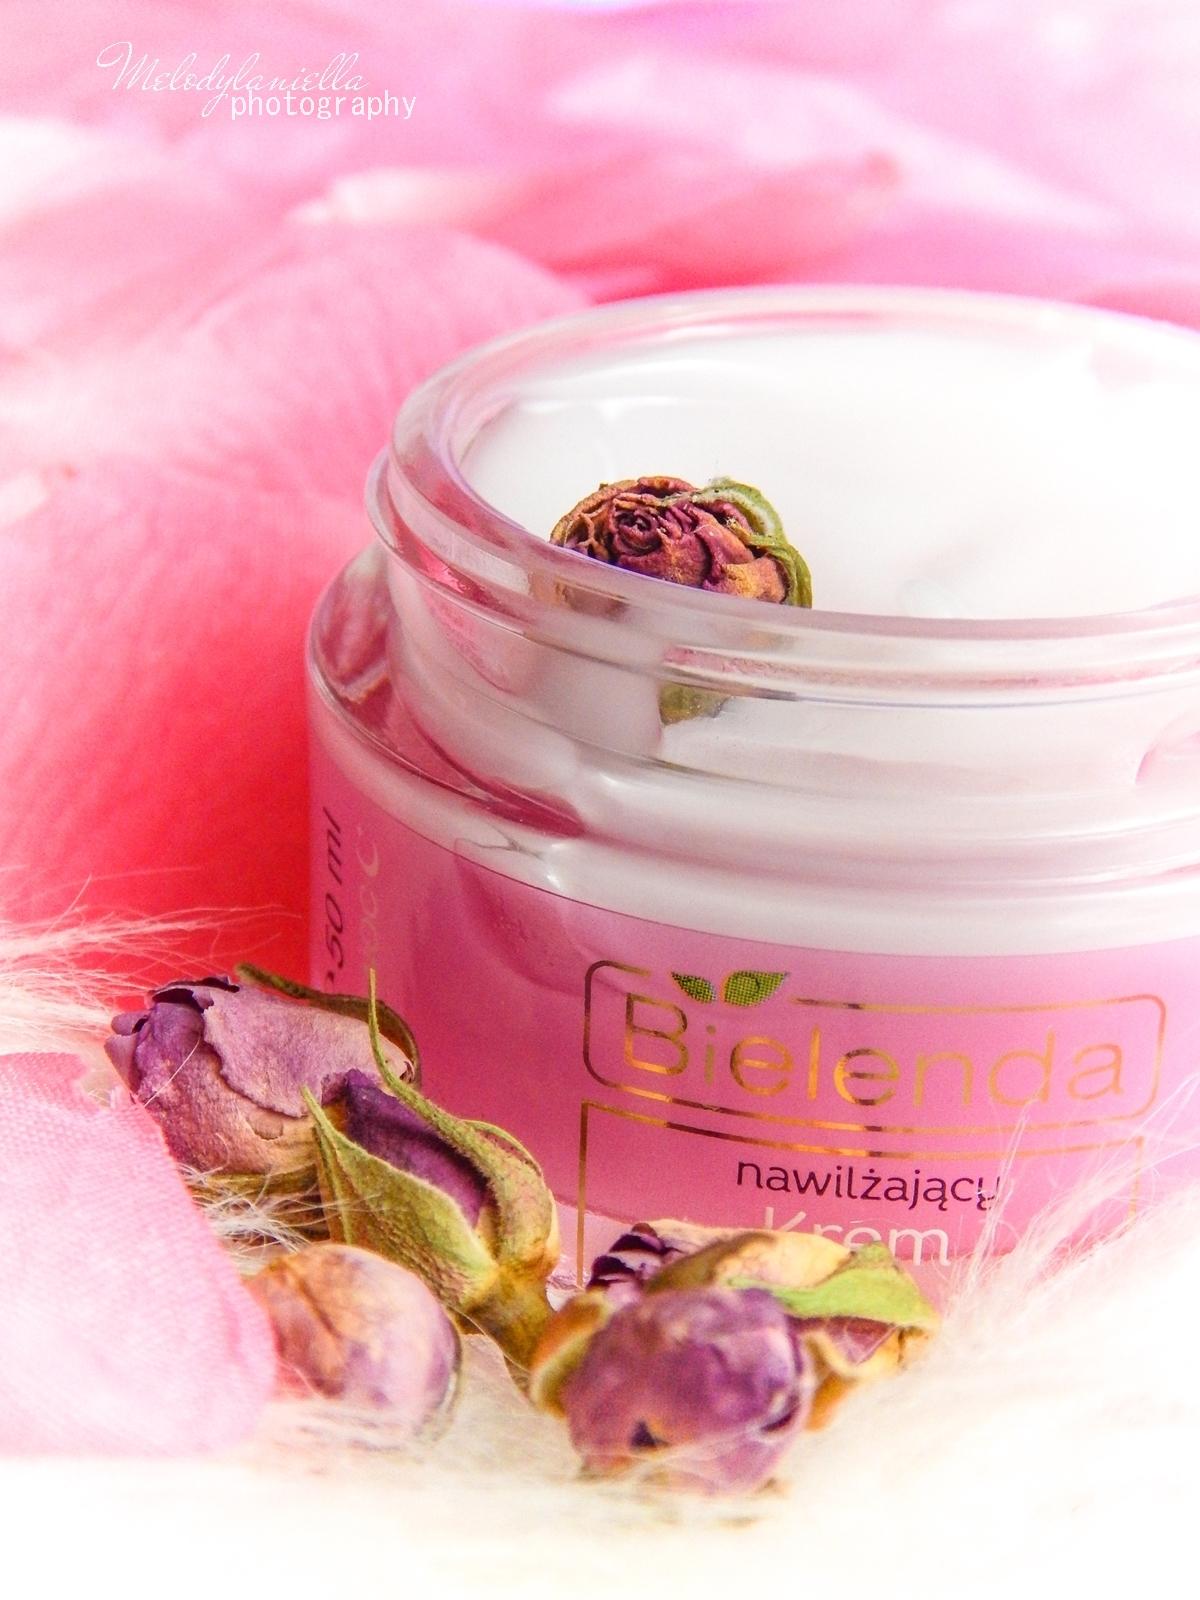 8 Bielenda rose care różany krem do twarzy recenzja kojąca woda różana 3w1 olejek różany do mycia twarzy produkty bielenda seria różana melodylaniella test produktów kosmetycznych ciekawe blogi lifestyle